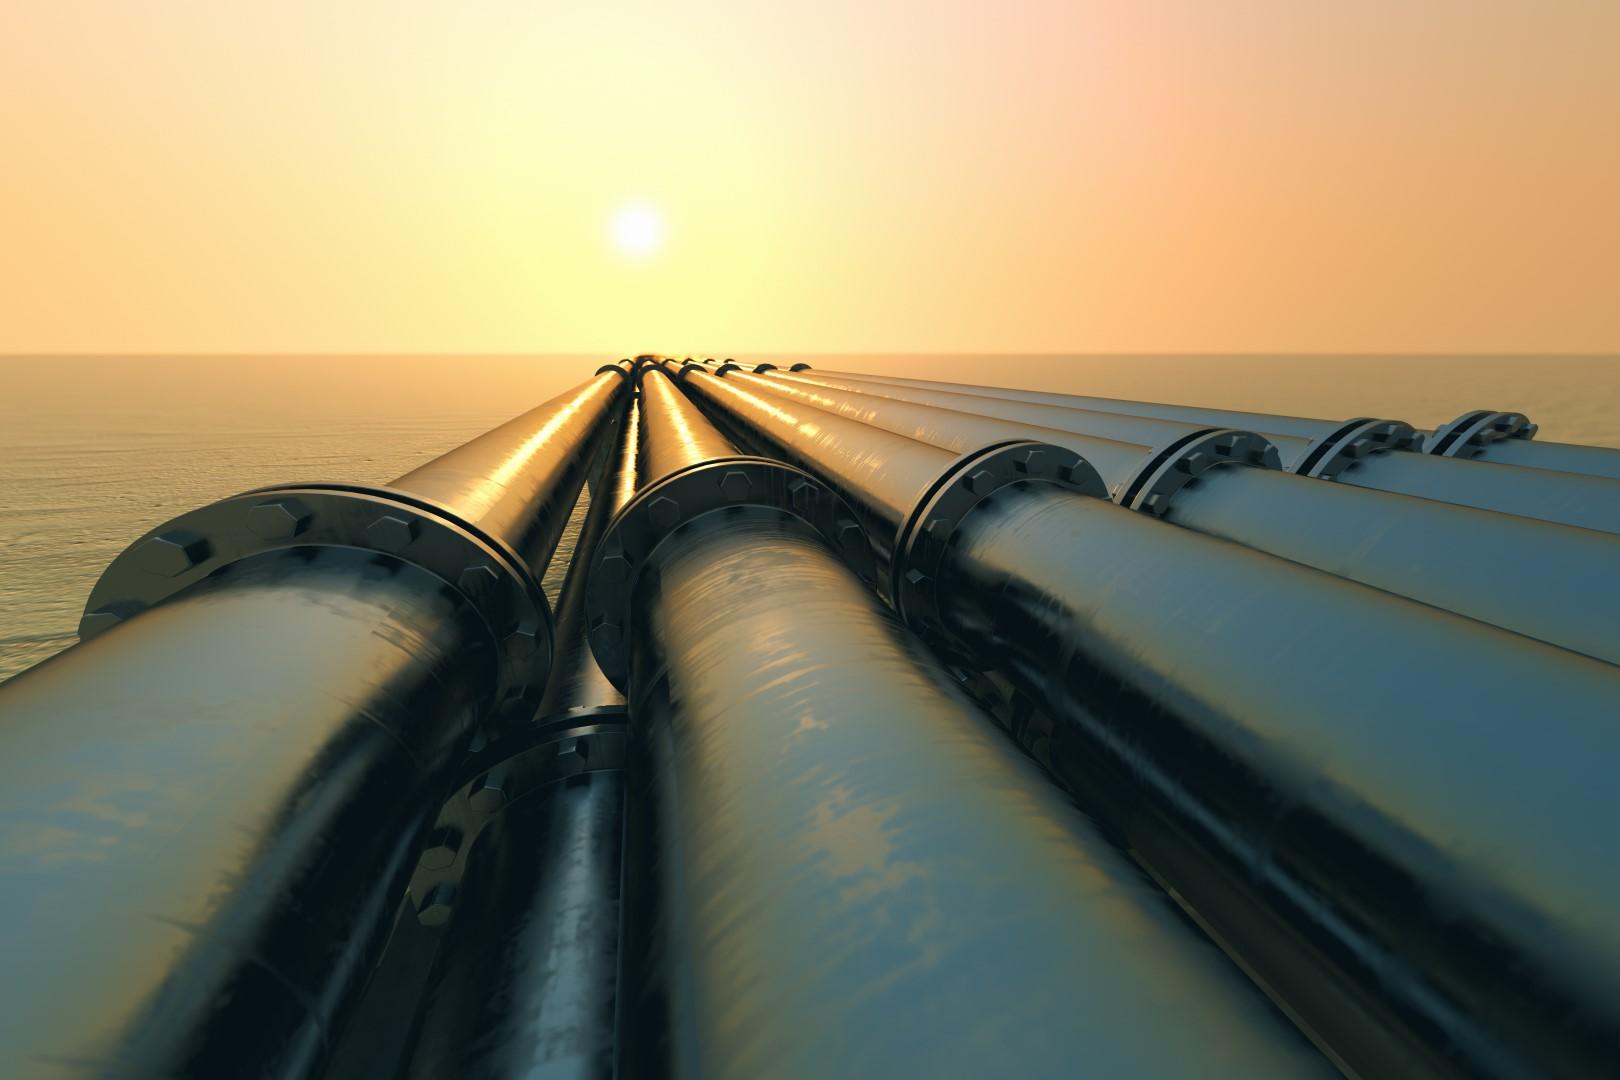 pipelines-Large.jpg